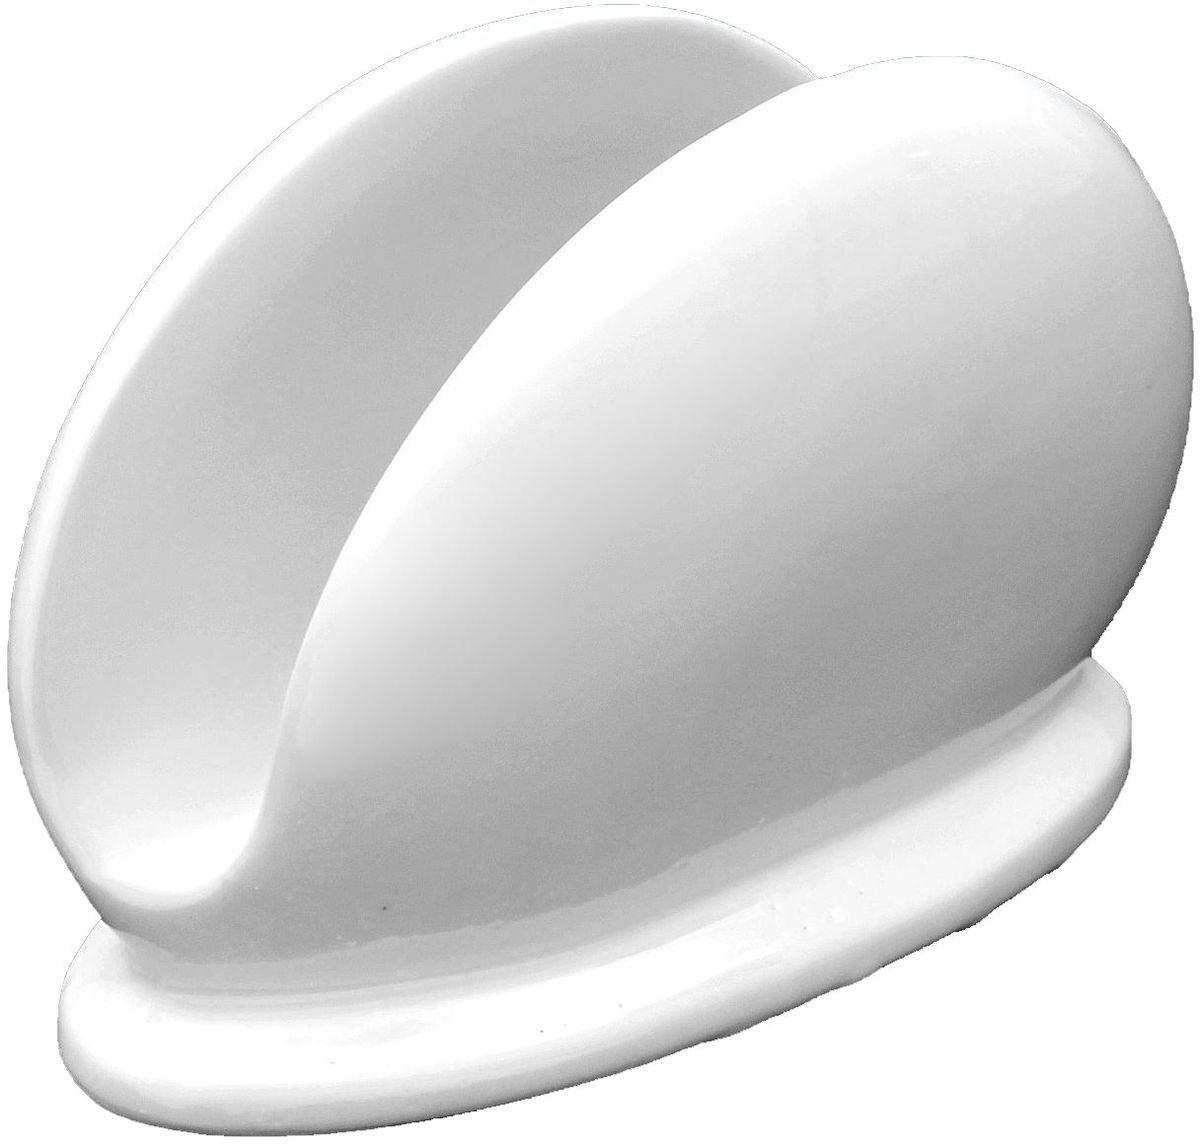 Салфетница Turon Porcelain Классика, 13 х 2 х 7 см1625443Узбекская посуда известна всему миру уже более тысячи лет. Ей любовались царские особы, на ней подавали еду шейхам и знатным персонам. Формула глазури передаётся из поколения в поколение. По сей день качественные изделия продолжают восхищать своей идеальной формой.Данный предмет подойдет для повседневной и праздничной сервировки. Дополните стол текстилем и салфетками в тон, чтобы получить элегантное убранство с яркими акцентами.